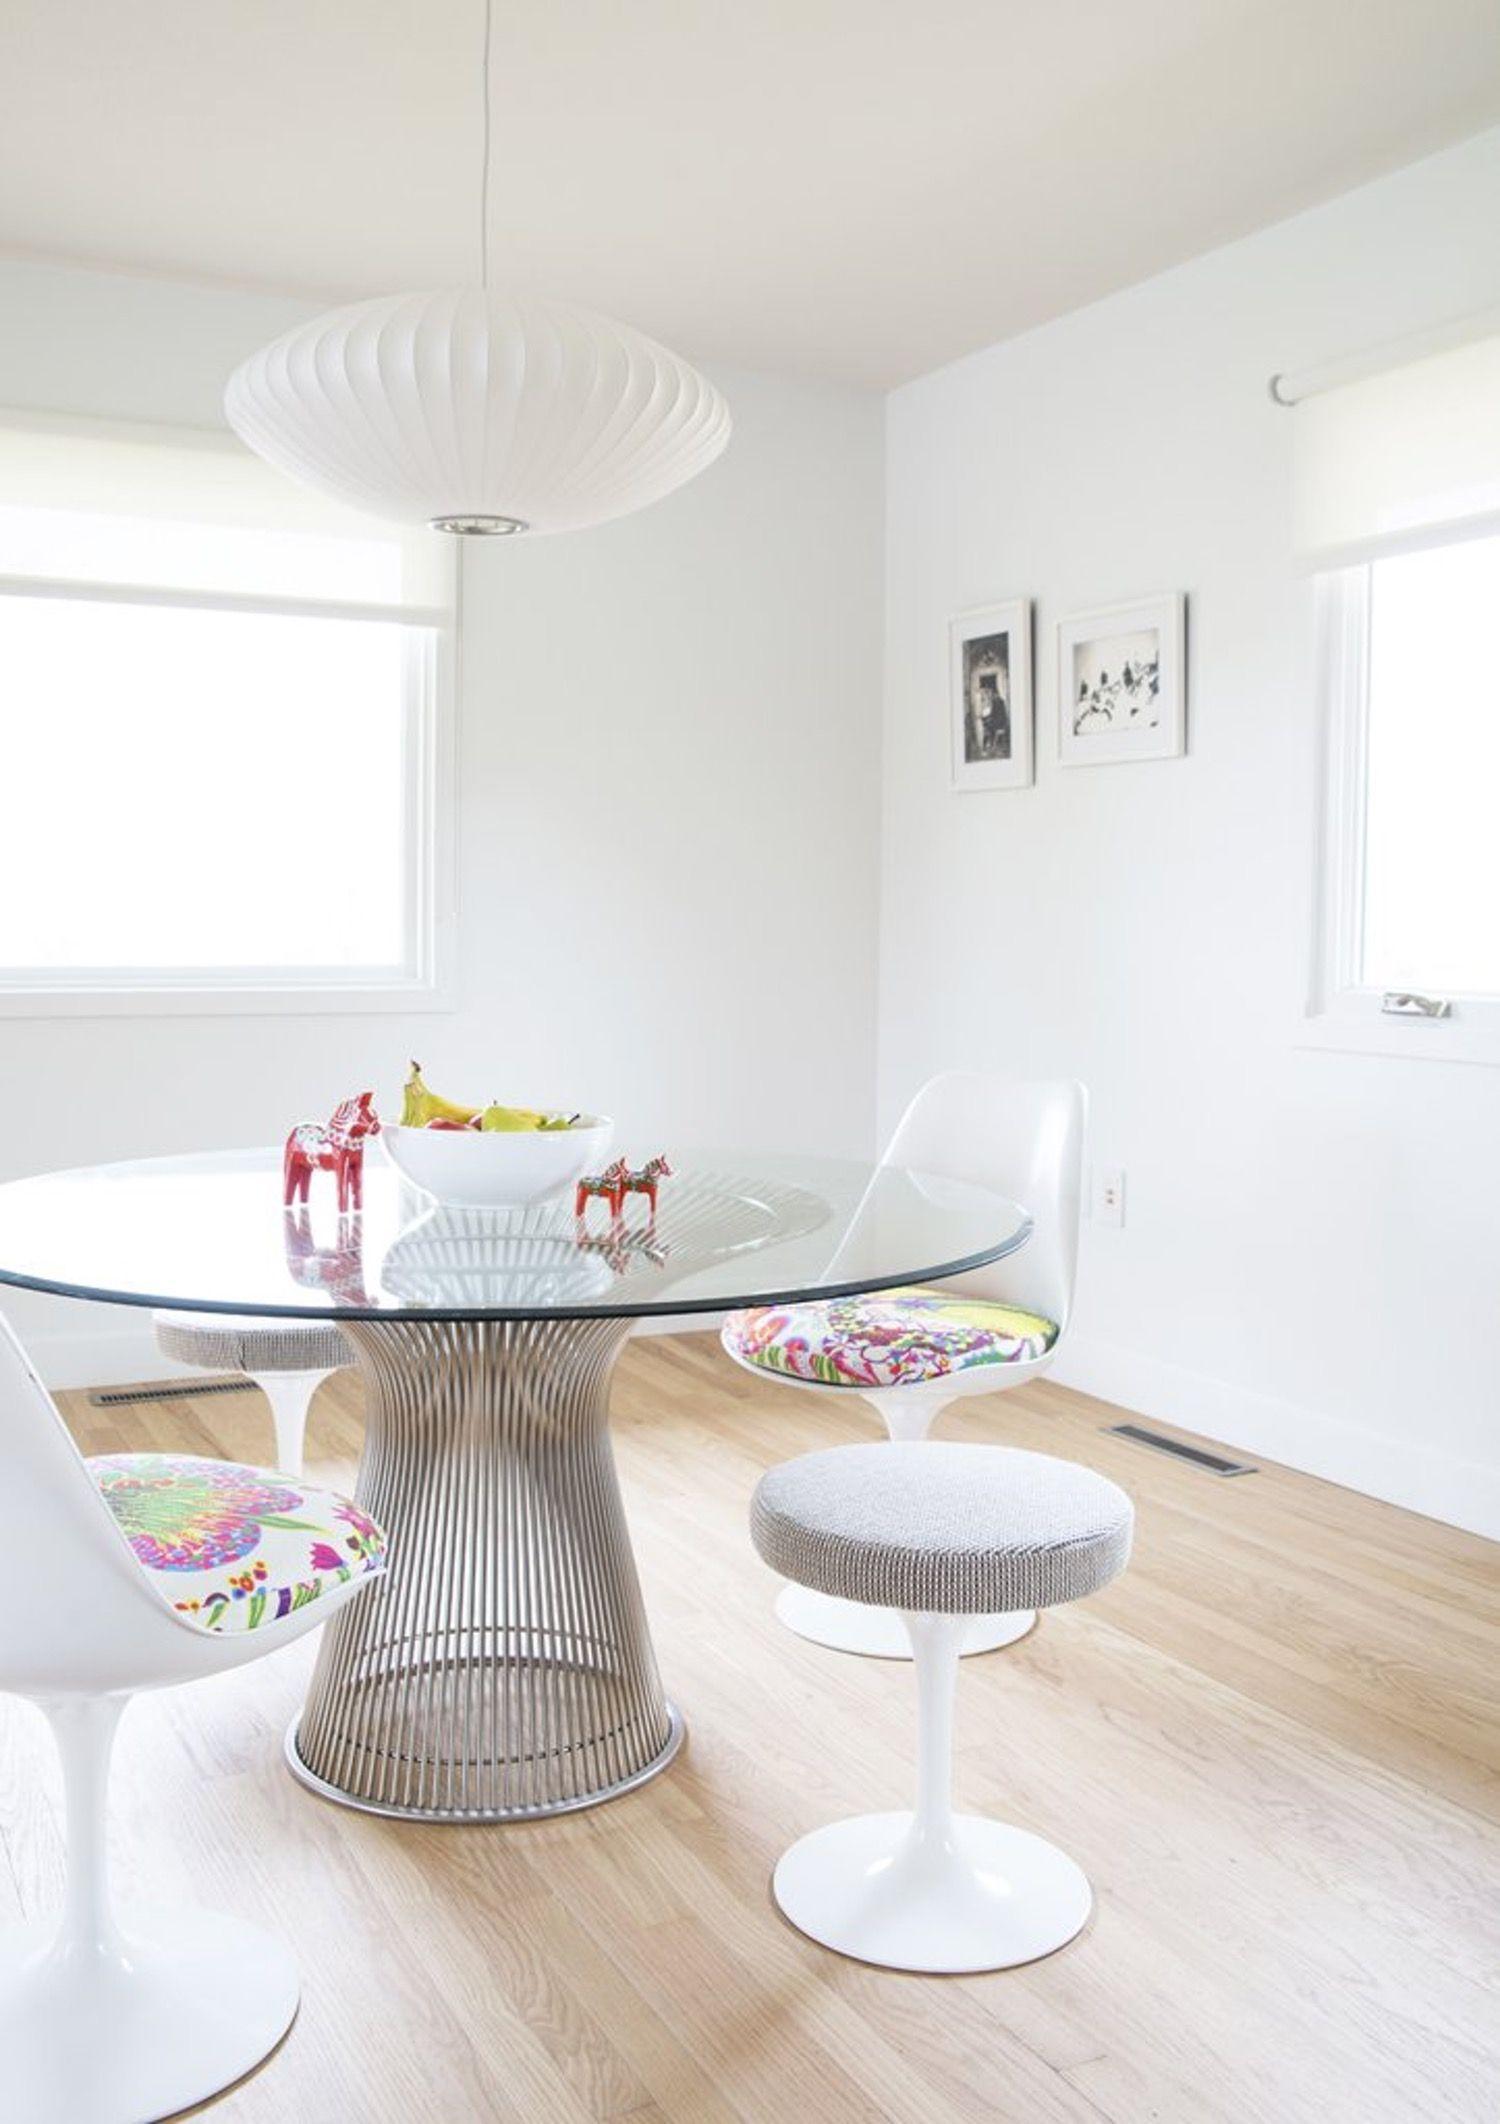 Residential Interior Design: Professional Residential Interior Design Project